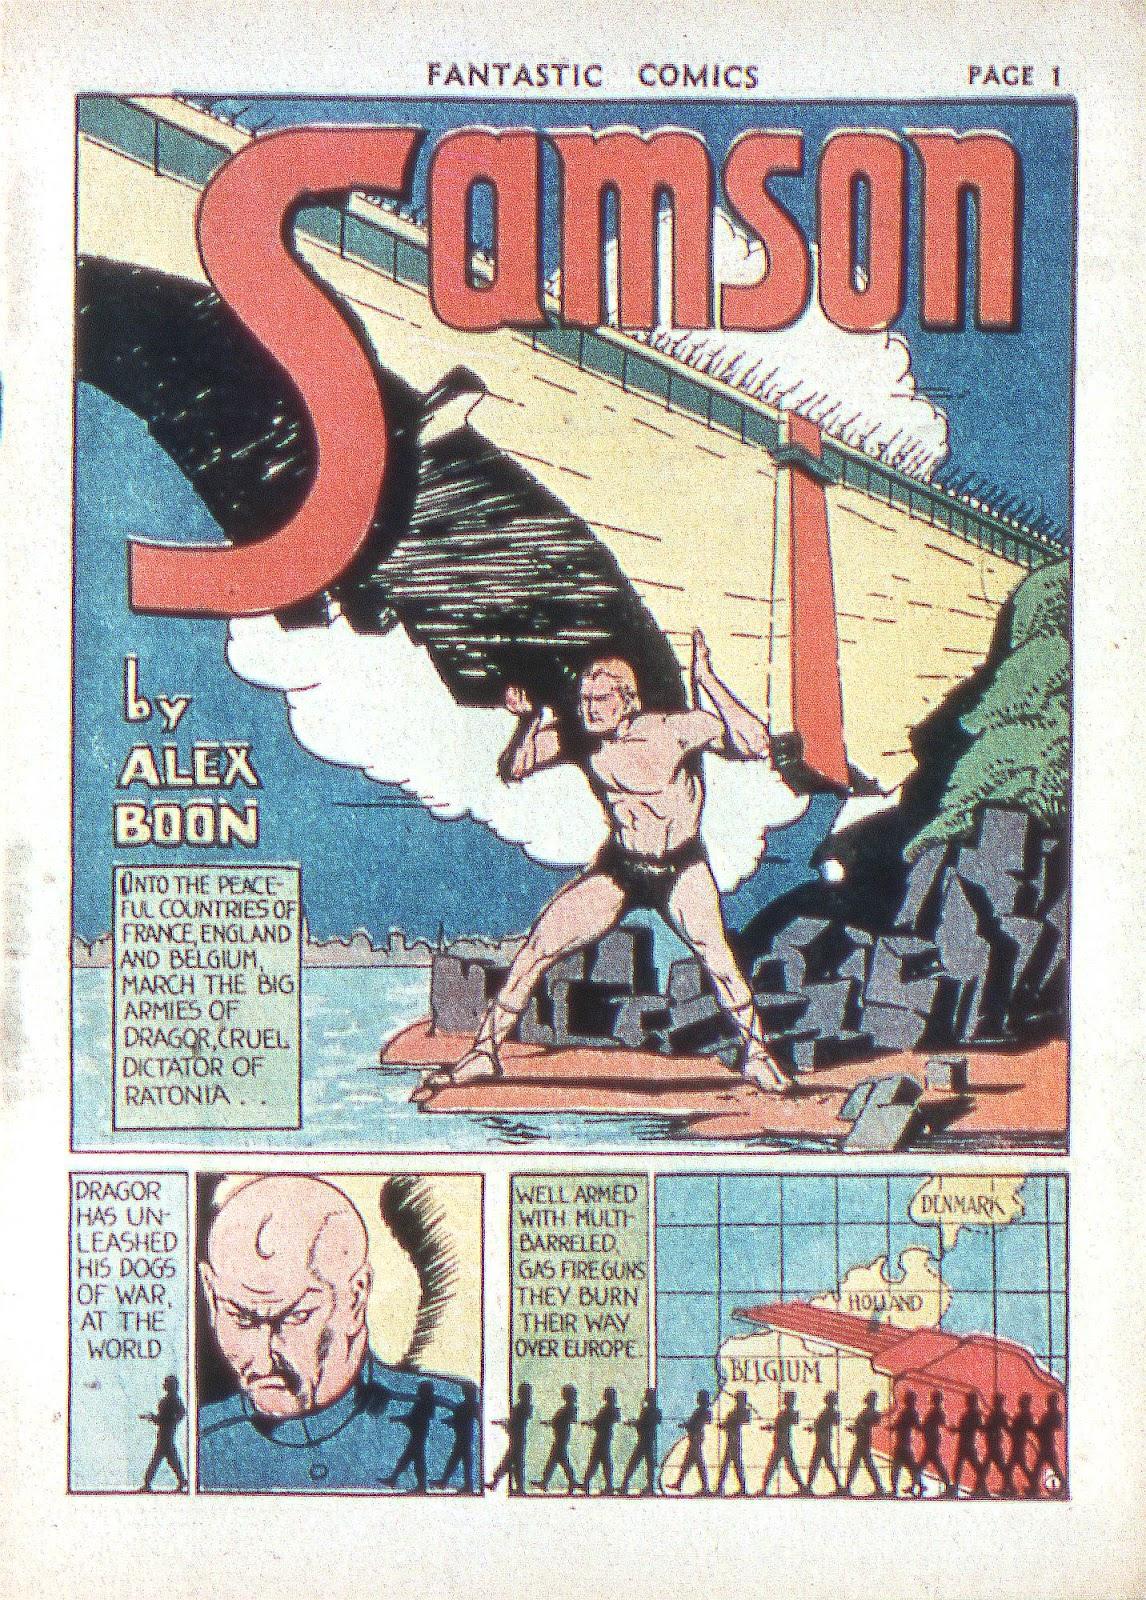 Read online Fantastic Comics comic -  Issue #2 - 4